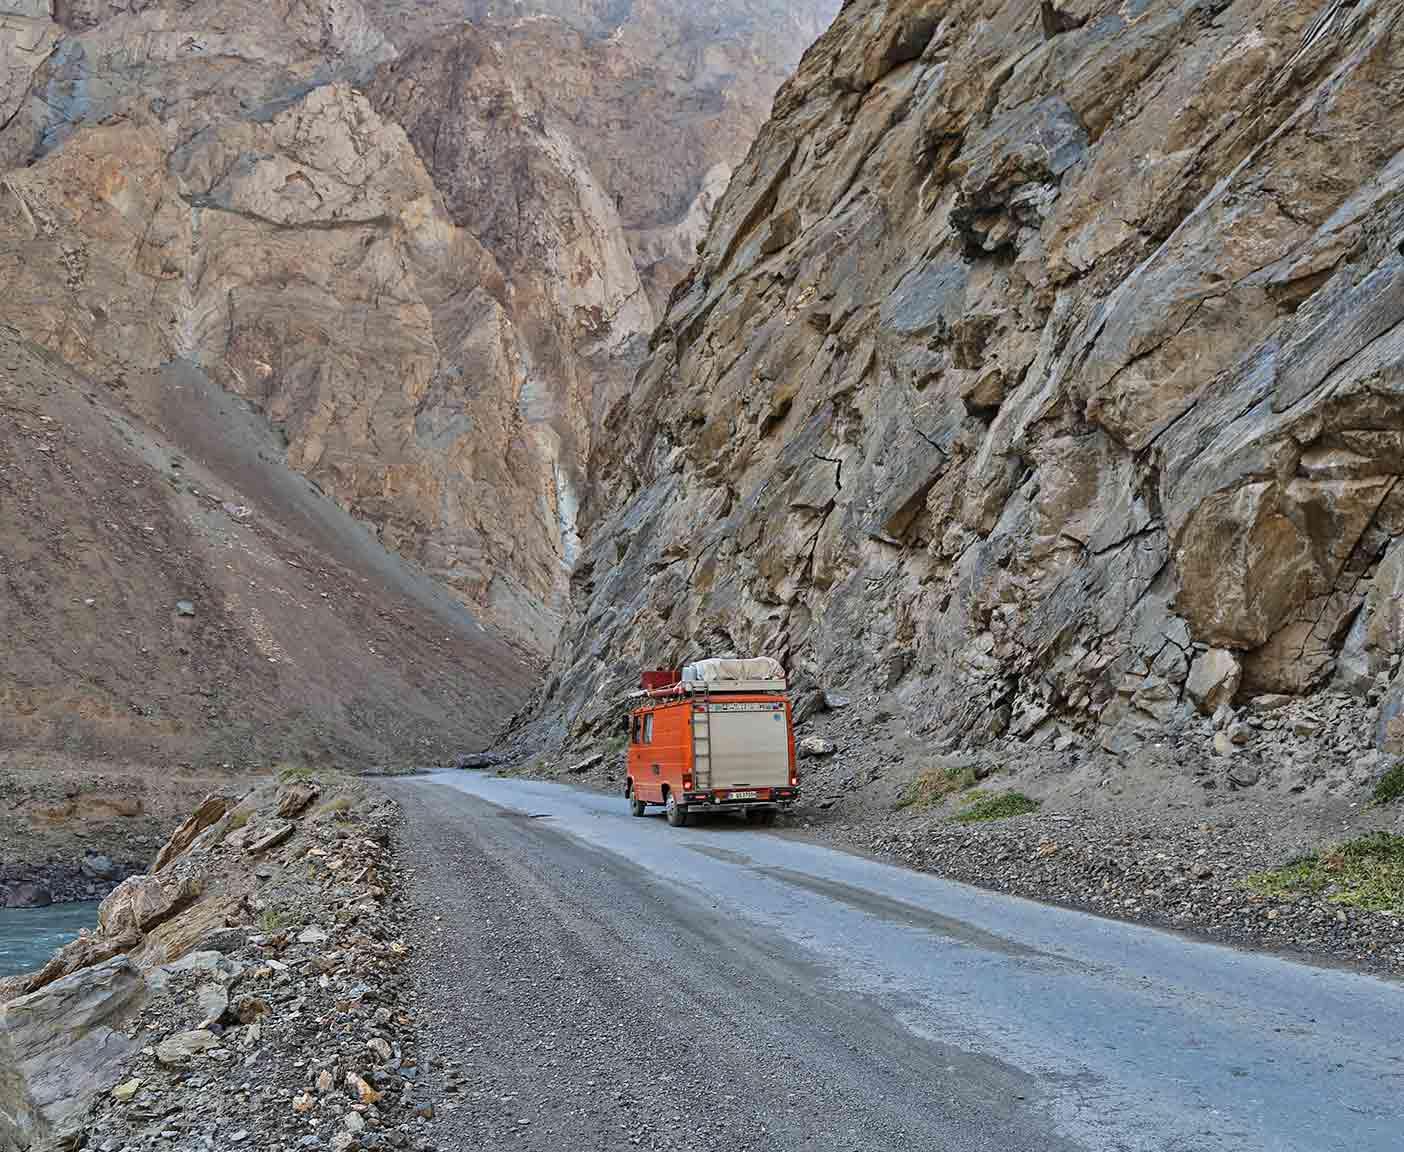 pamir-highway-m41-motorrad-auto-wohnmobil-camper-laenge-kyrgyzstan-guide-2017-2018-2019-china-afghanistan-korogh